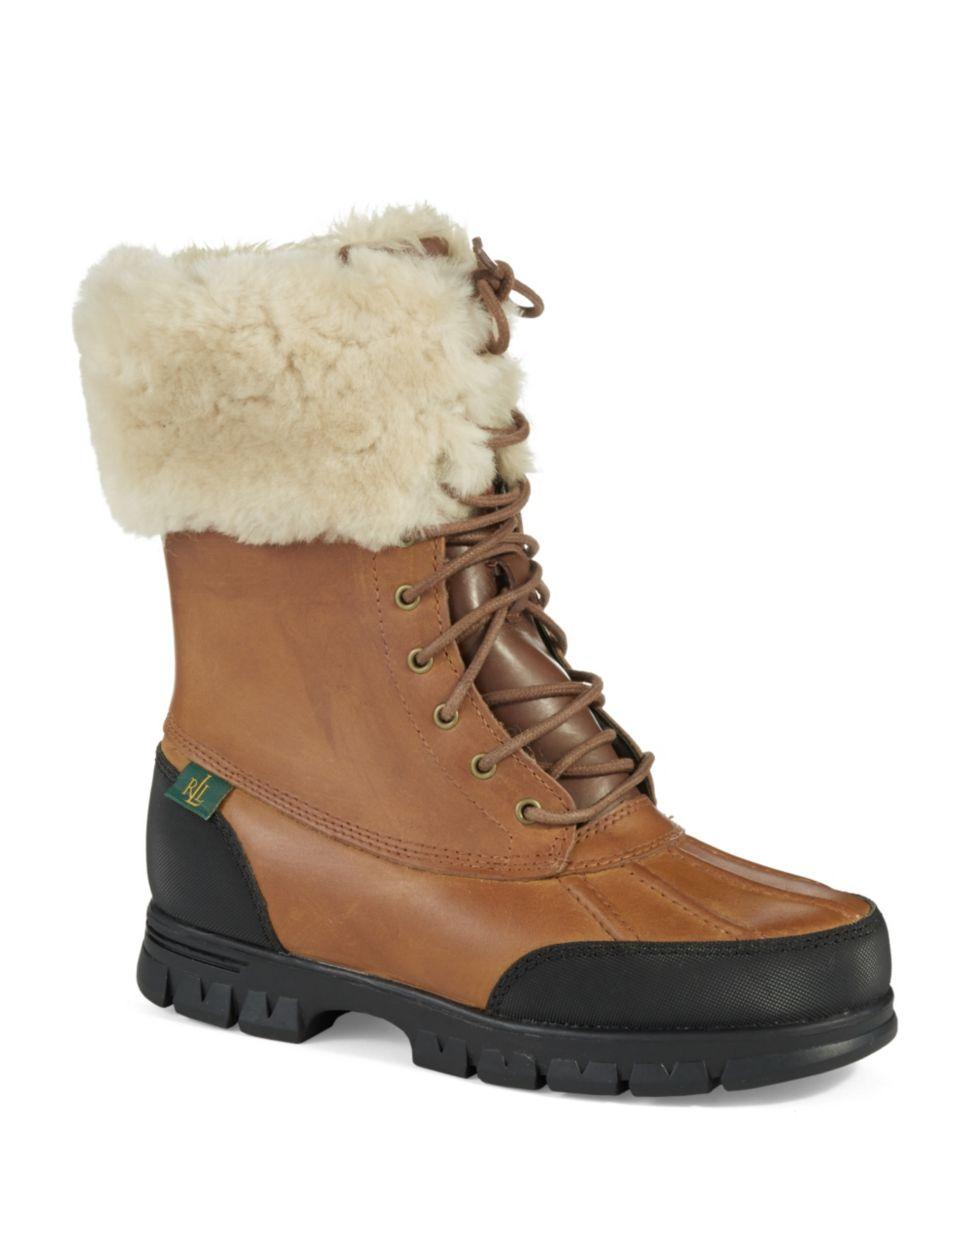 Brilliant Ralph Lauren Boots Ralph Lauren Fall Winter 2011 Women Boot Fashion